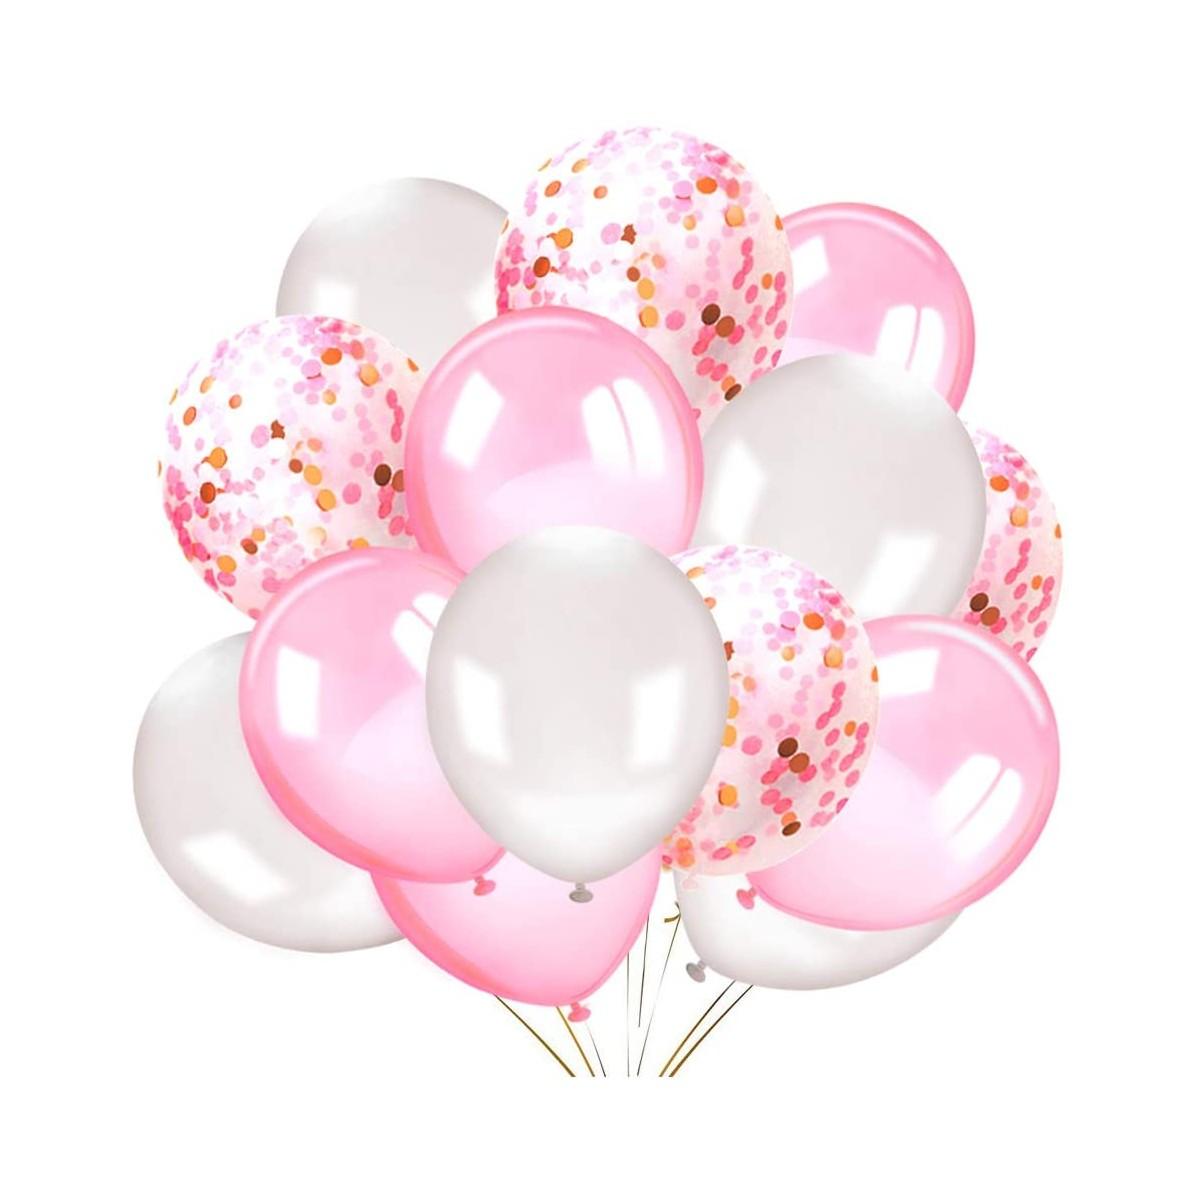 Kit da 50 Palloncini con coriandoli, rosa e bianchi, per feste